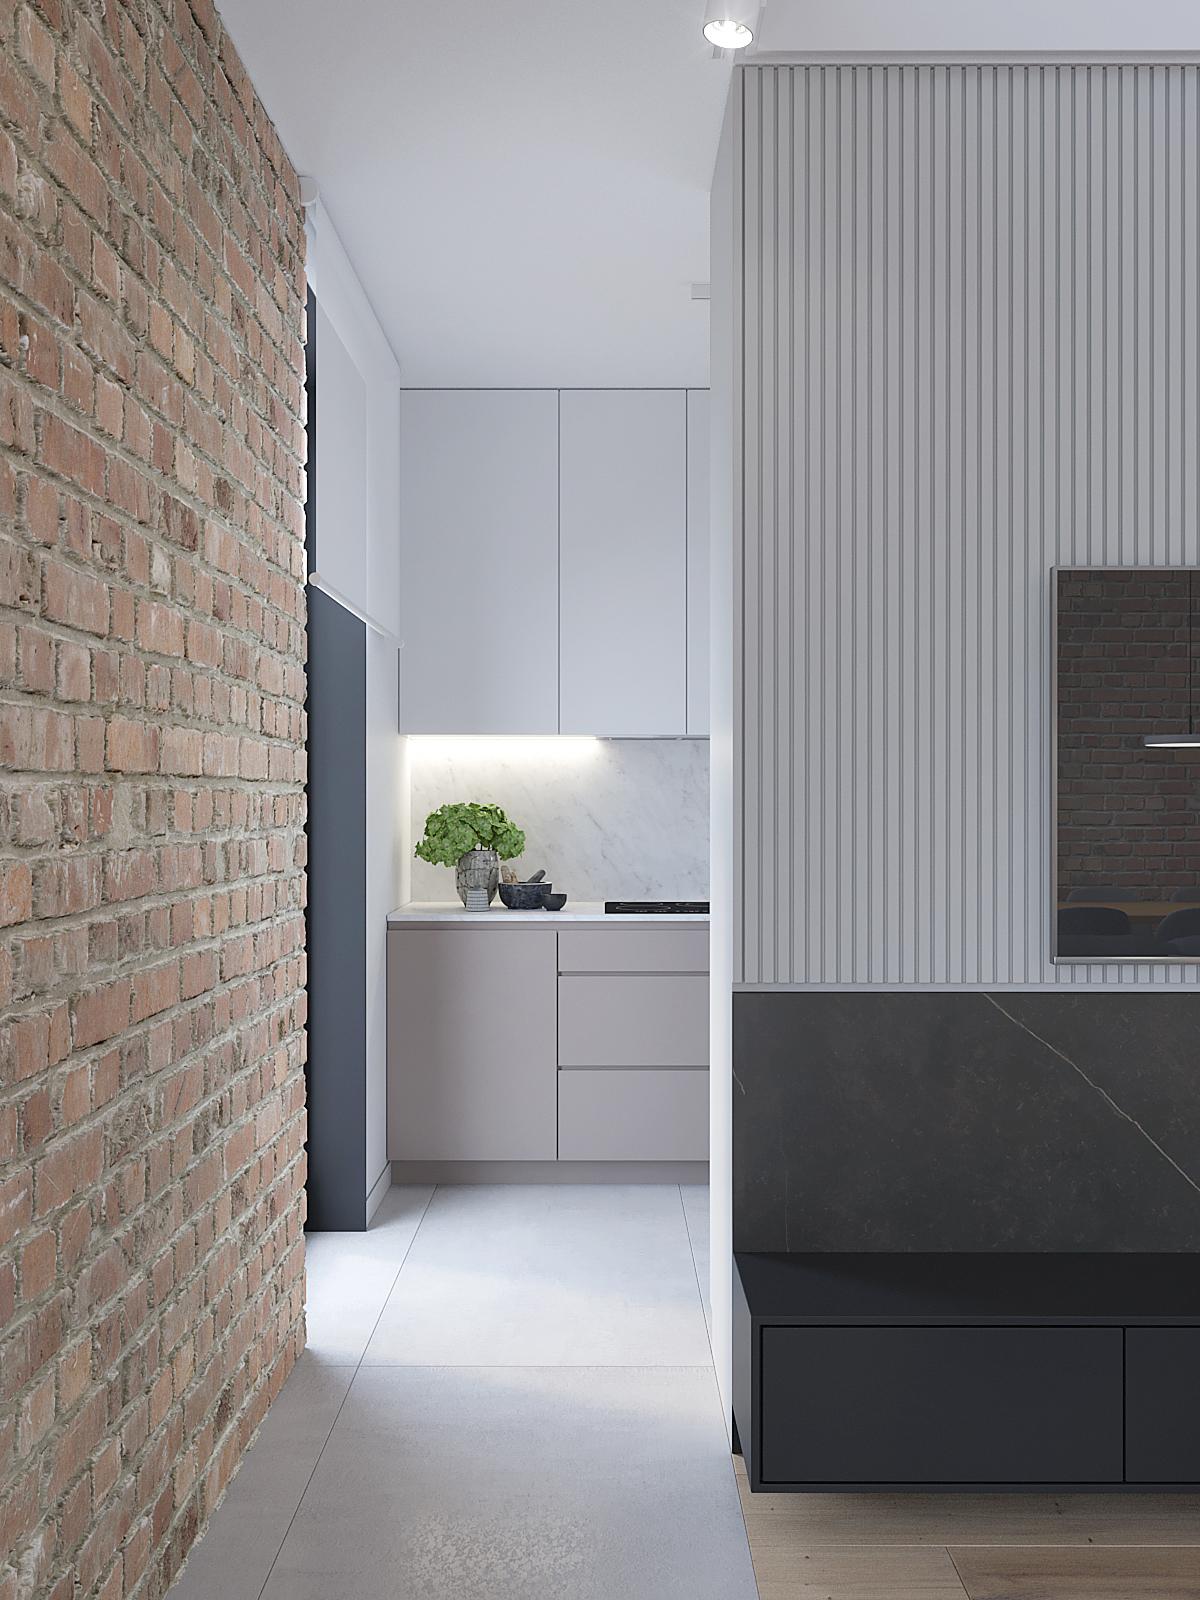 8 architekt wnetrz D428 dom Ruda Slaska wejscie do kuchni cegla na scianie telewizor na frezowenj plycie szare plytki